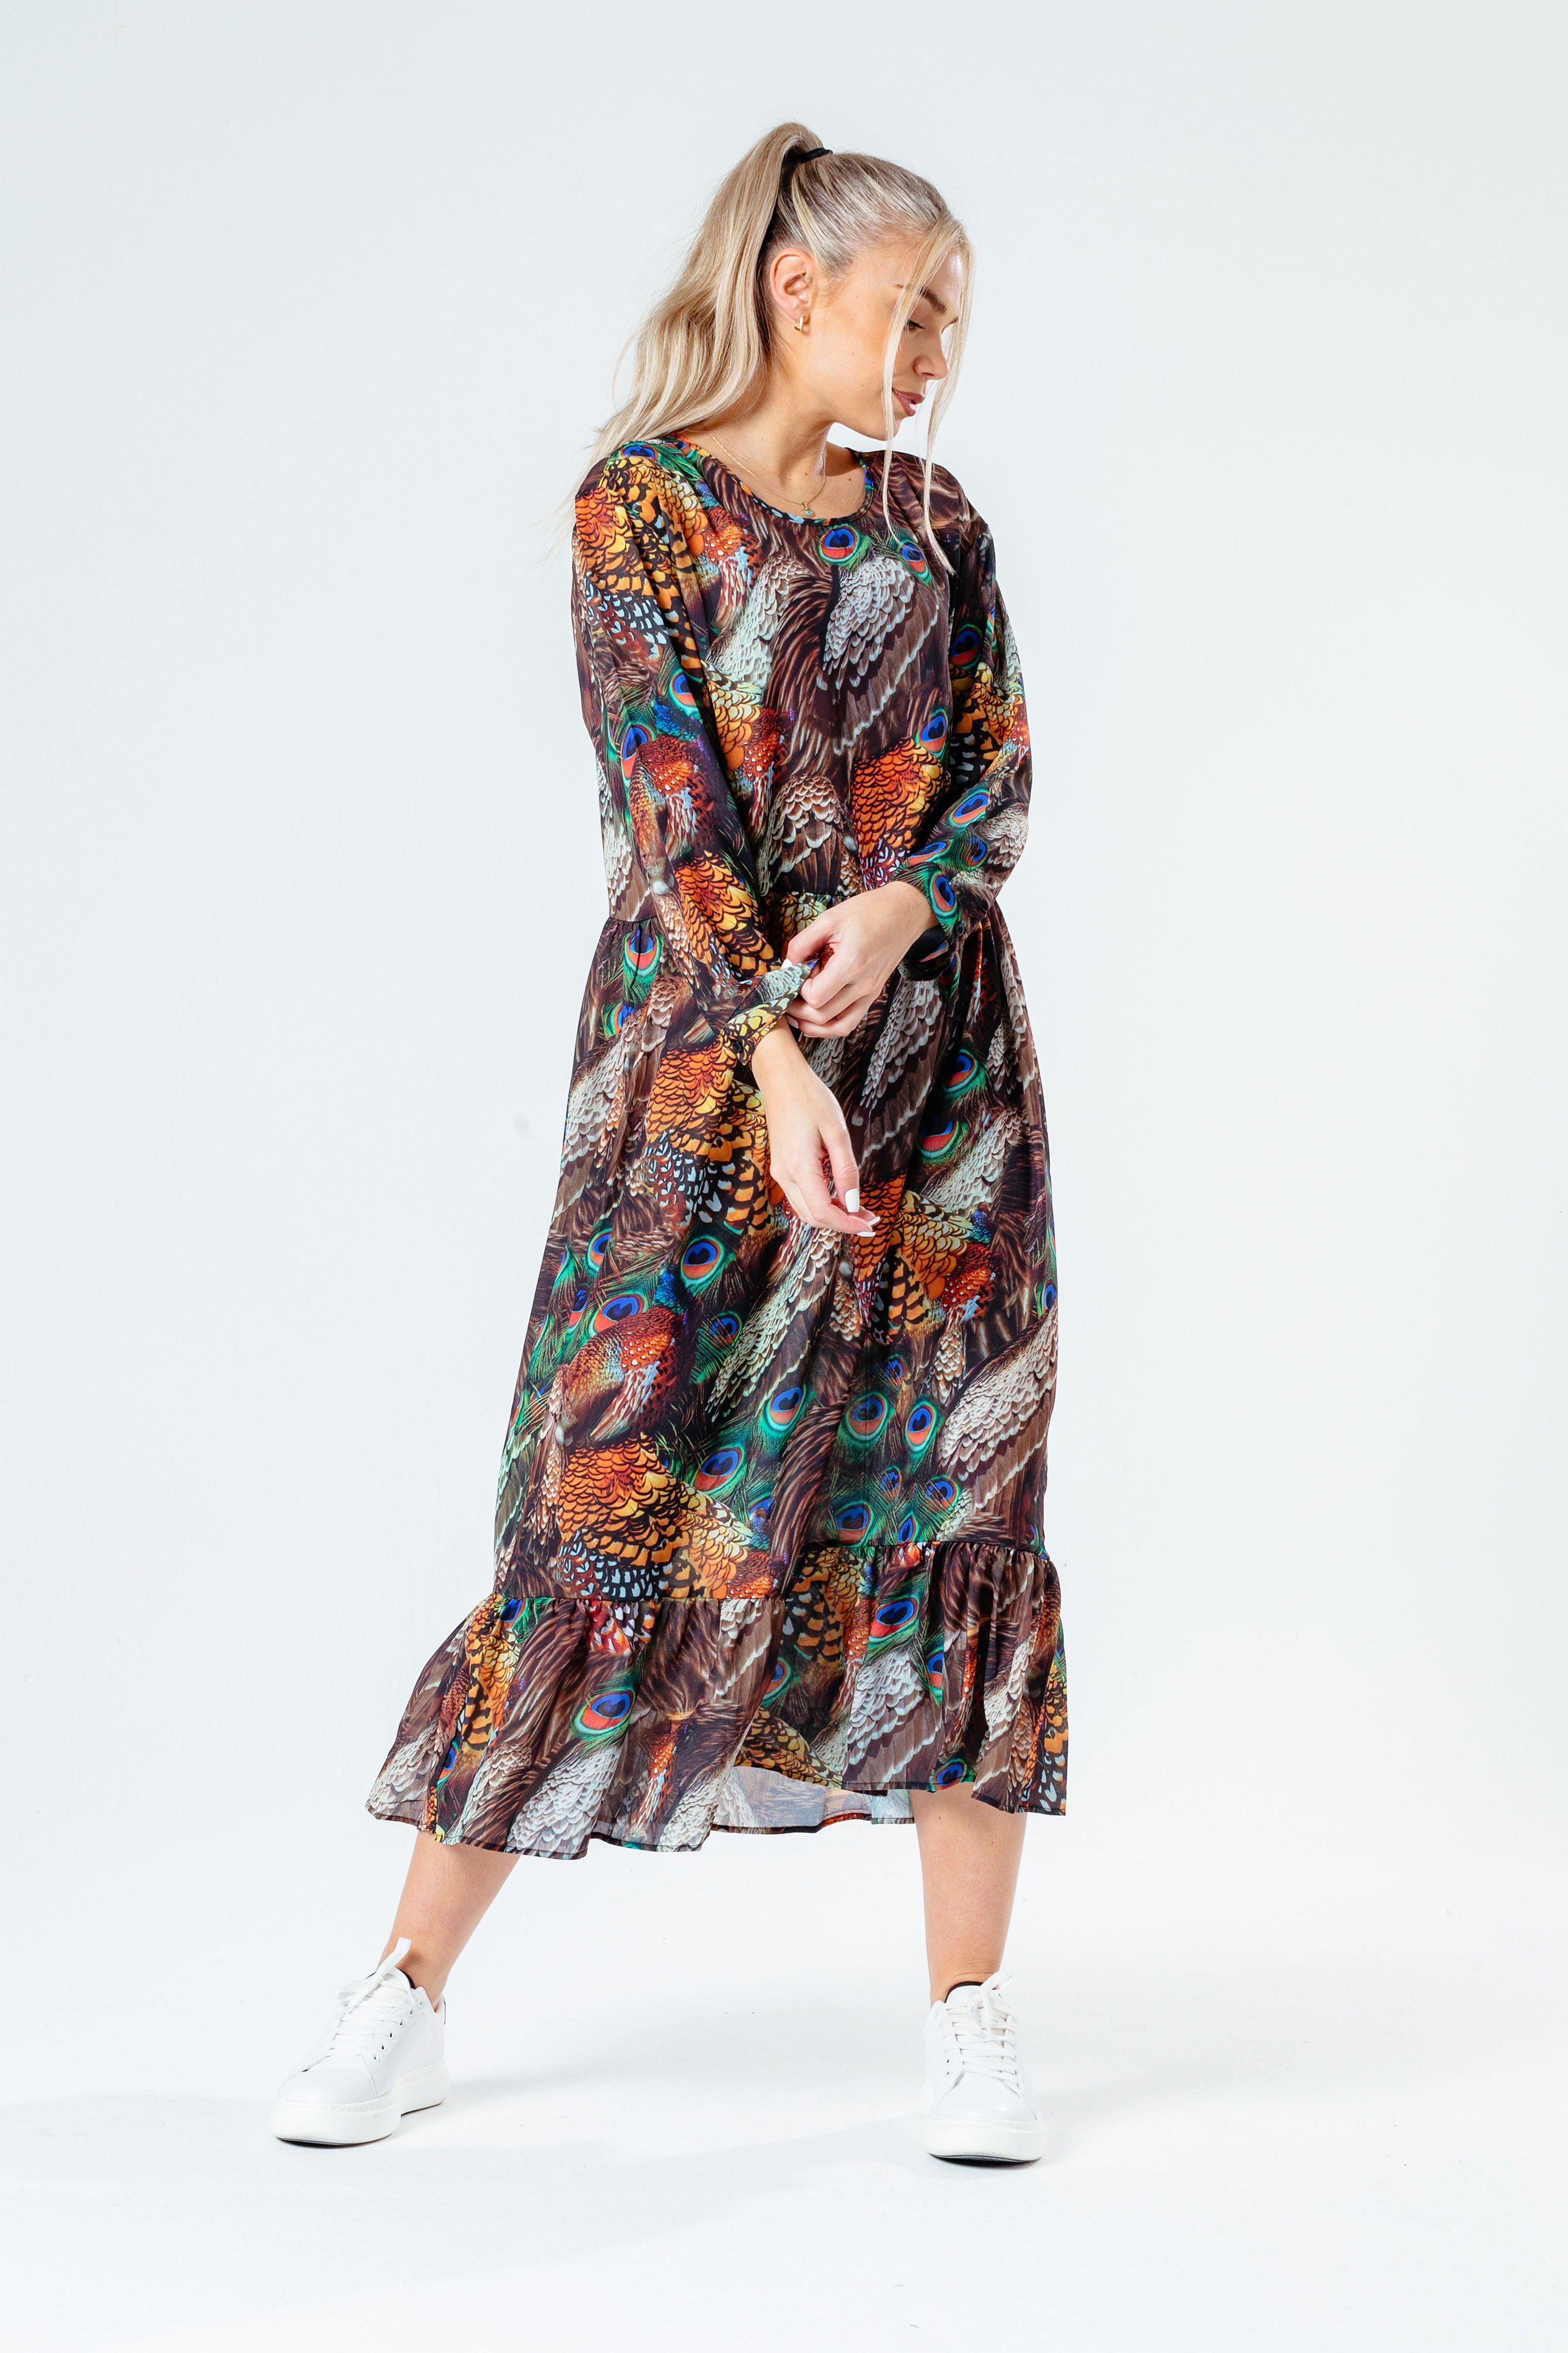 HYPE FEATHERS WOMEN'S DRESS